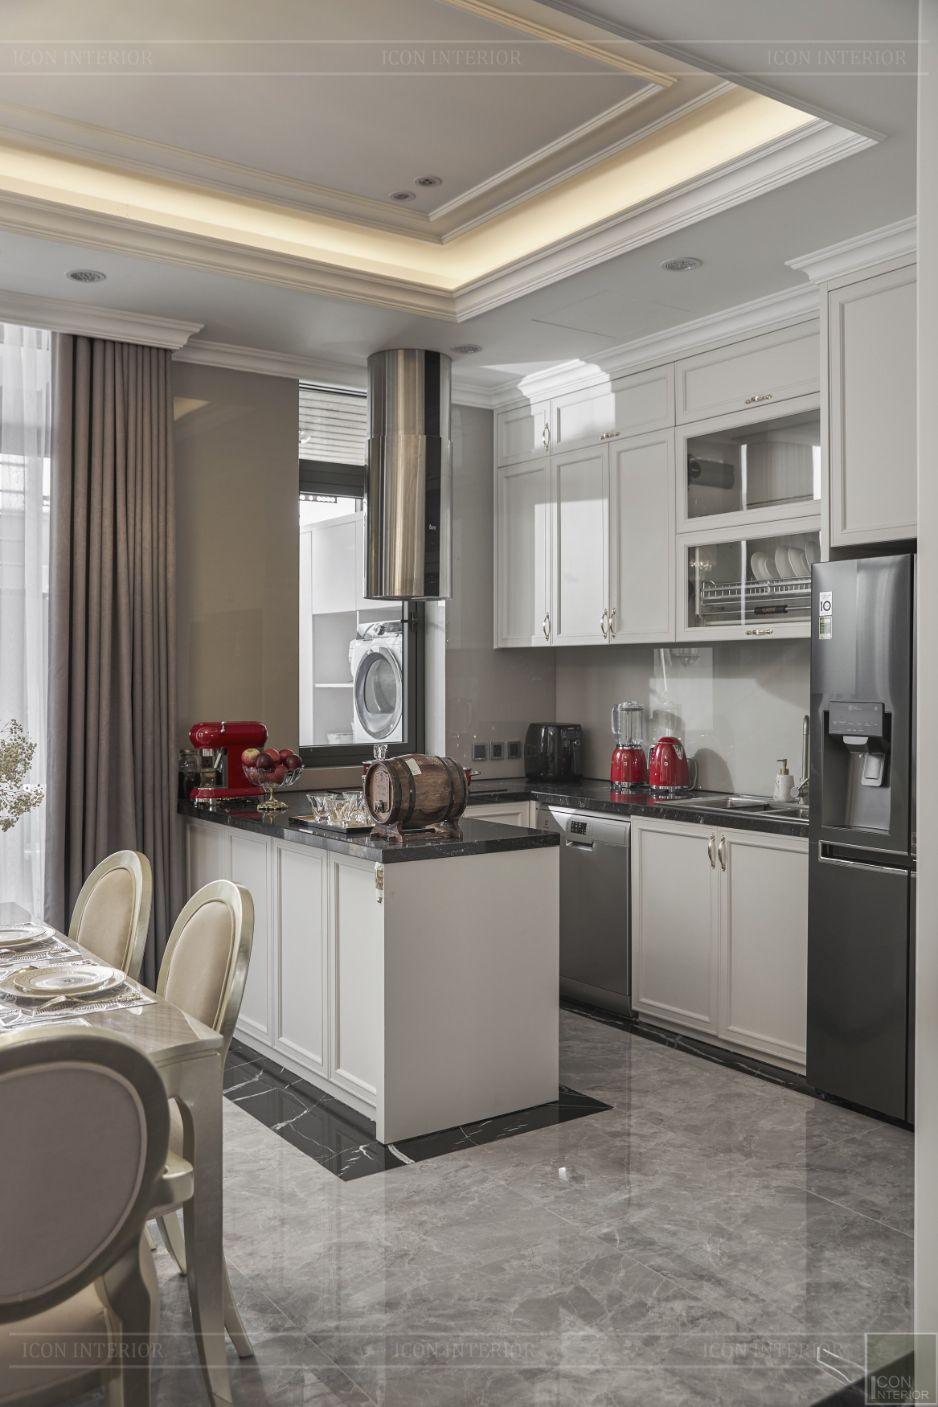 thi công nội thất nhà bếp hiện đại biệt thự lavila